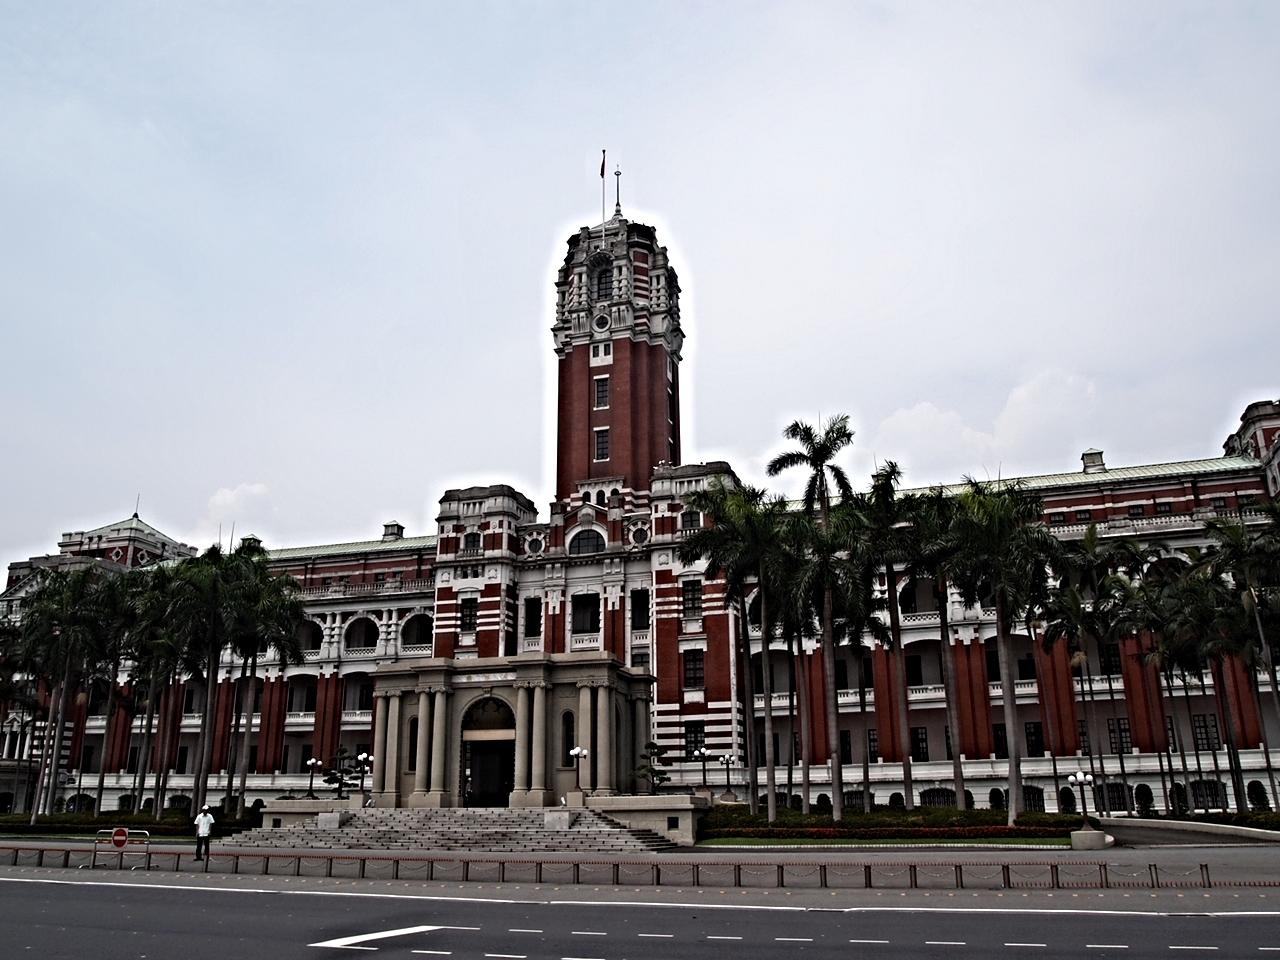 台湾の総統府(旧名:総督府)で歴史に触れる | 台湾観光旅行ナビガイド ...